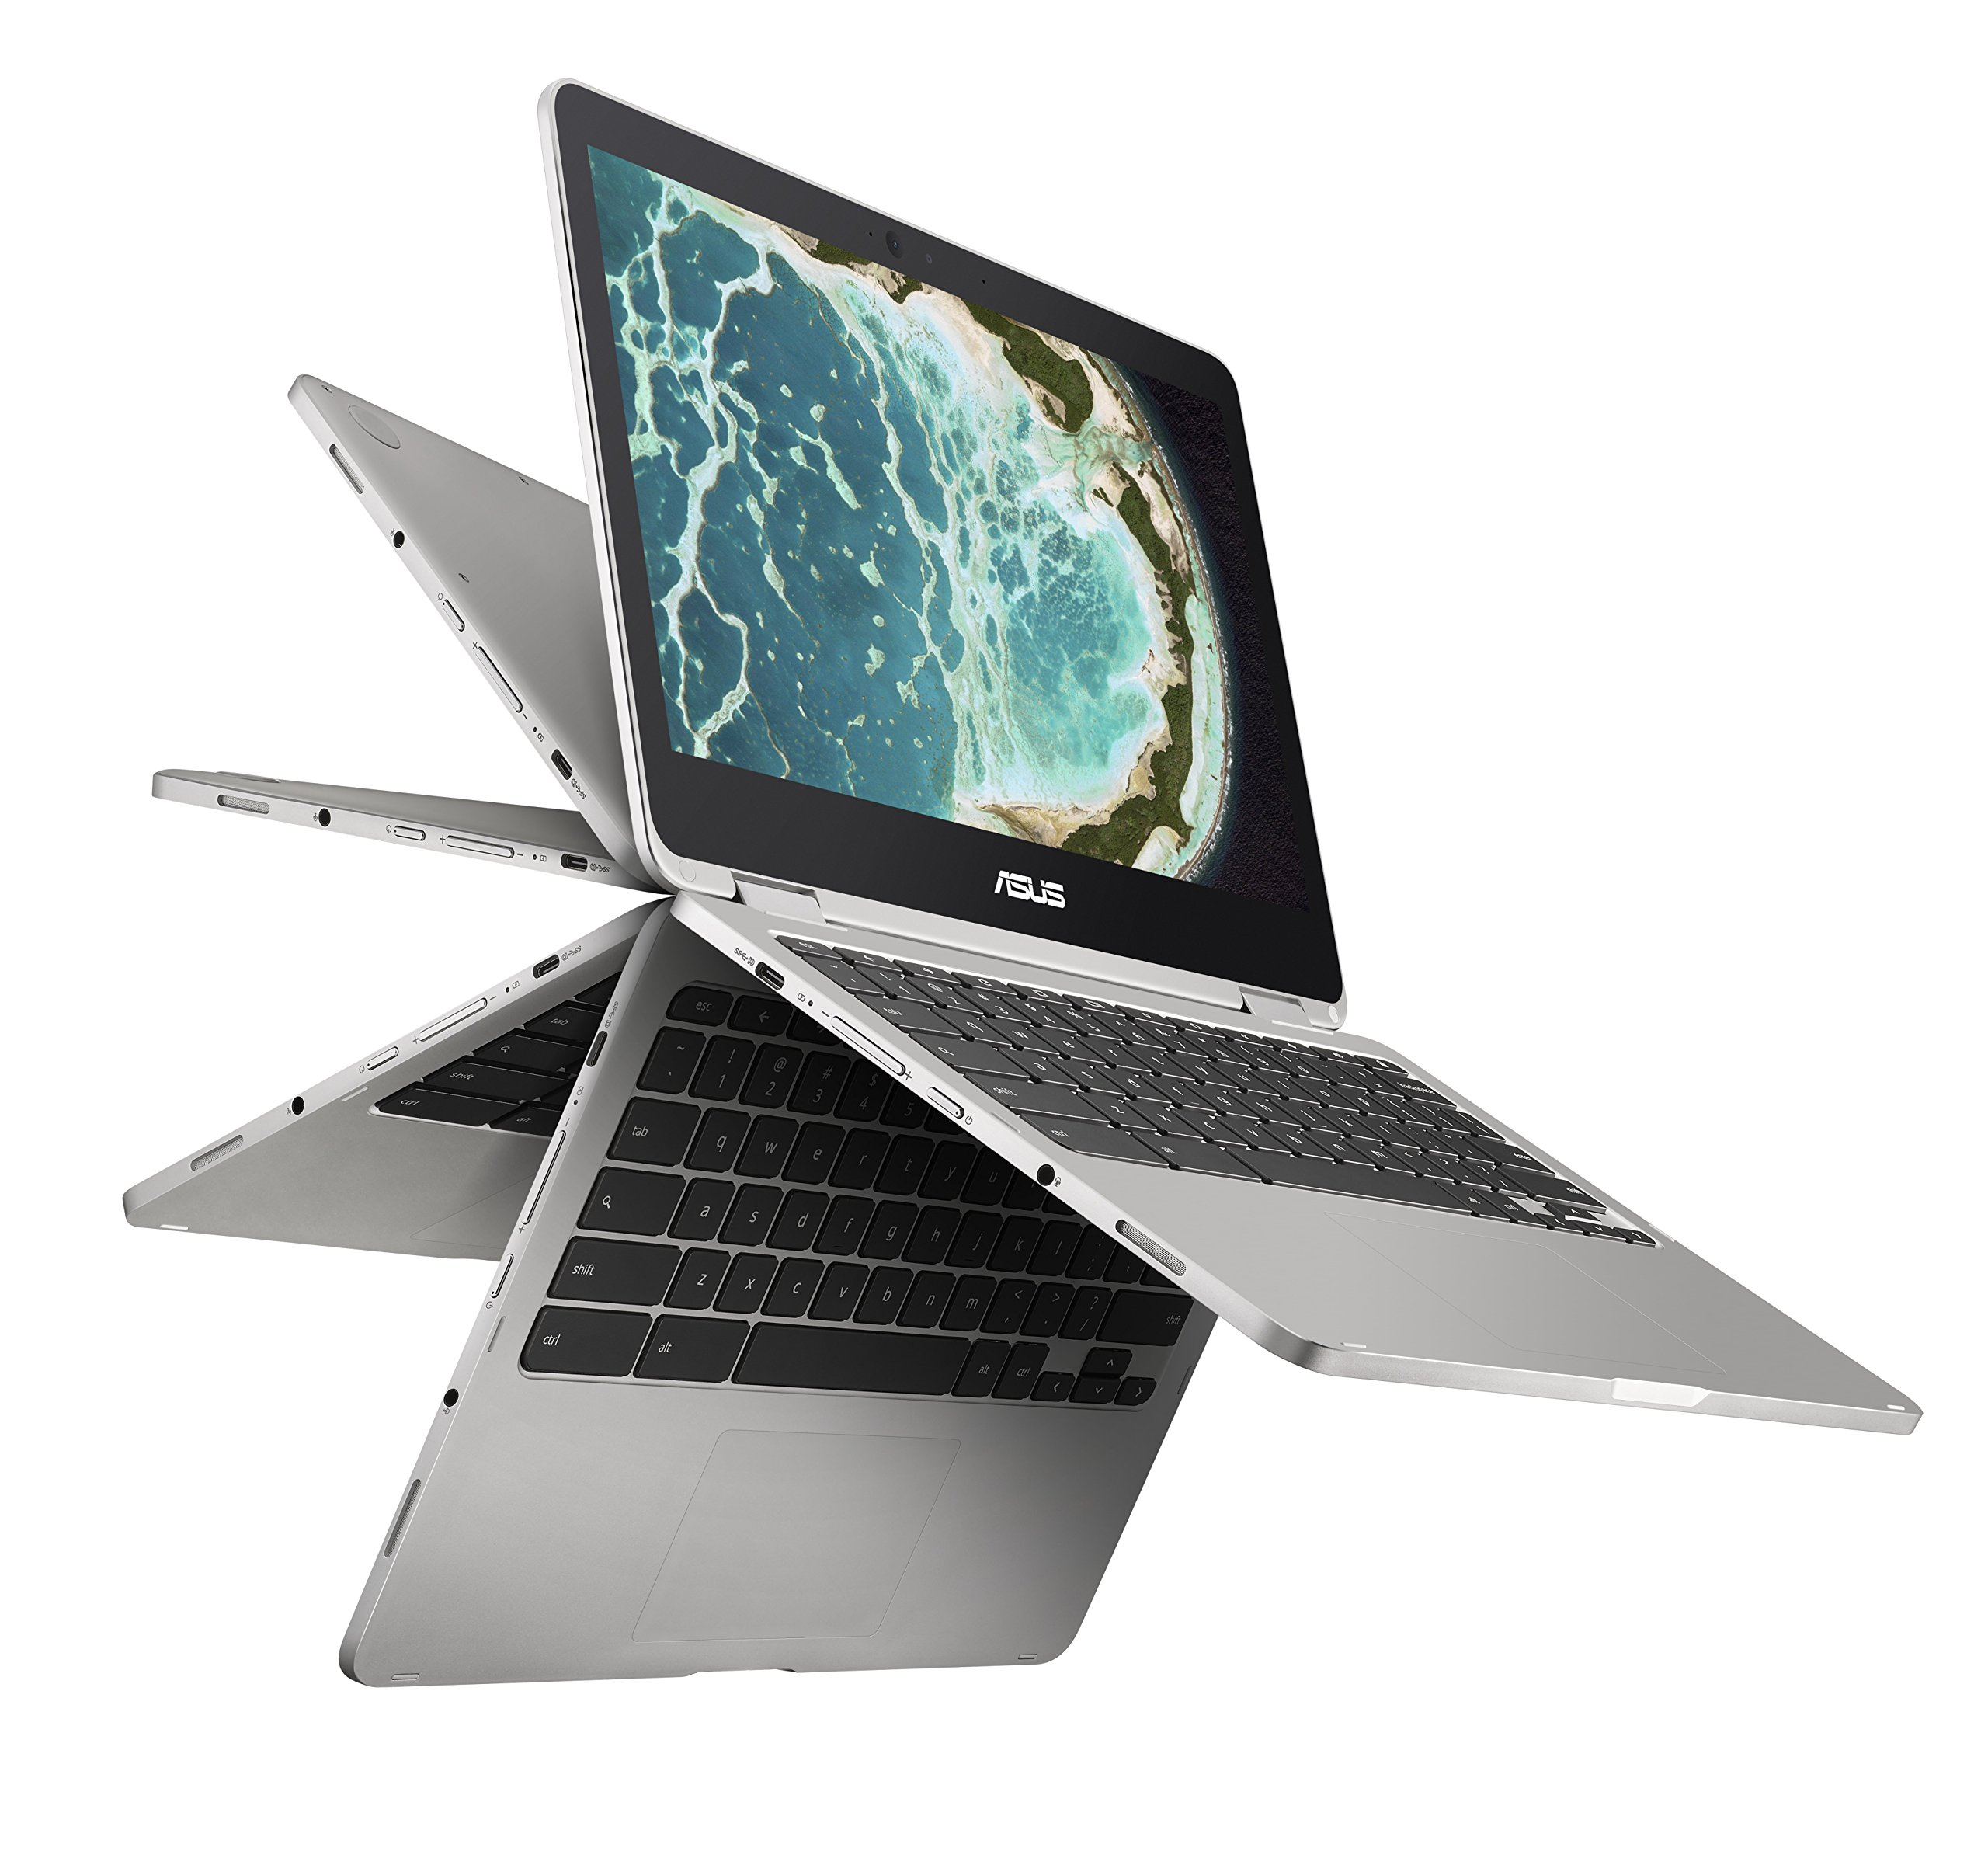 ASUS C302CA-DHM4フリップChromebookコンピュータ12.5インチタッチスクリーン回転式ChromebookノートブックIntel Core m3、4GB RAM、64GBフラッシュ、オールメタル本体、USBタイプC、Corning Gorillaガラス、Chrome OS